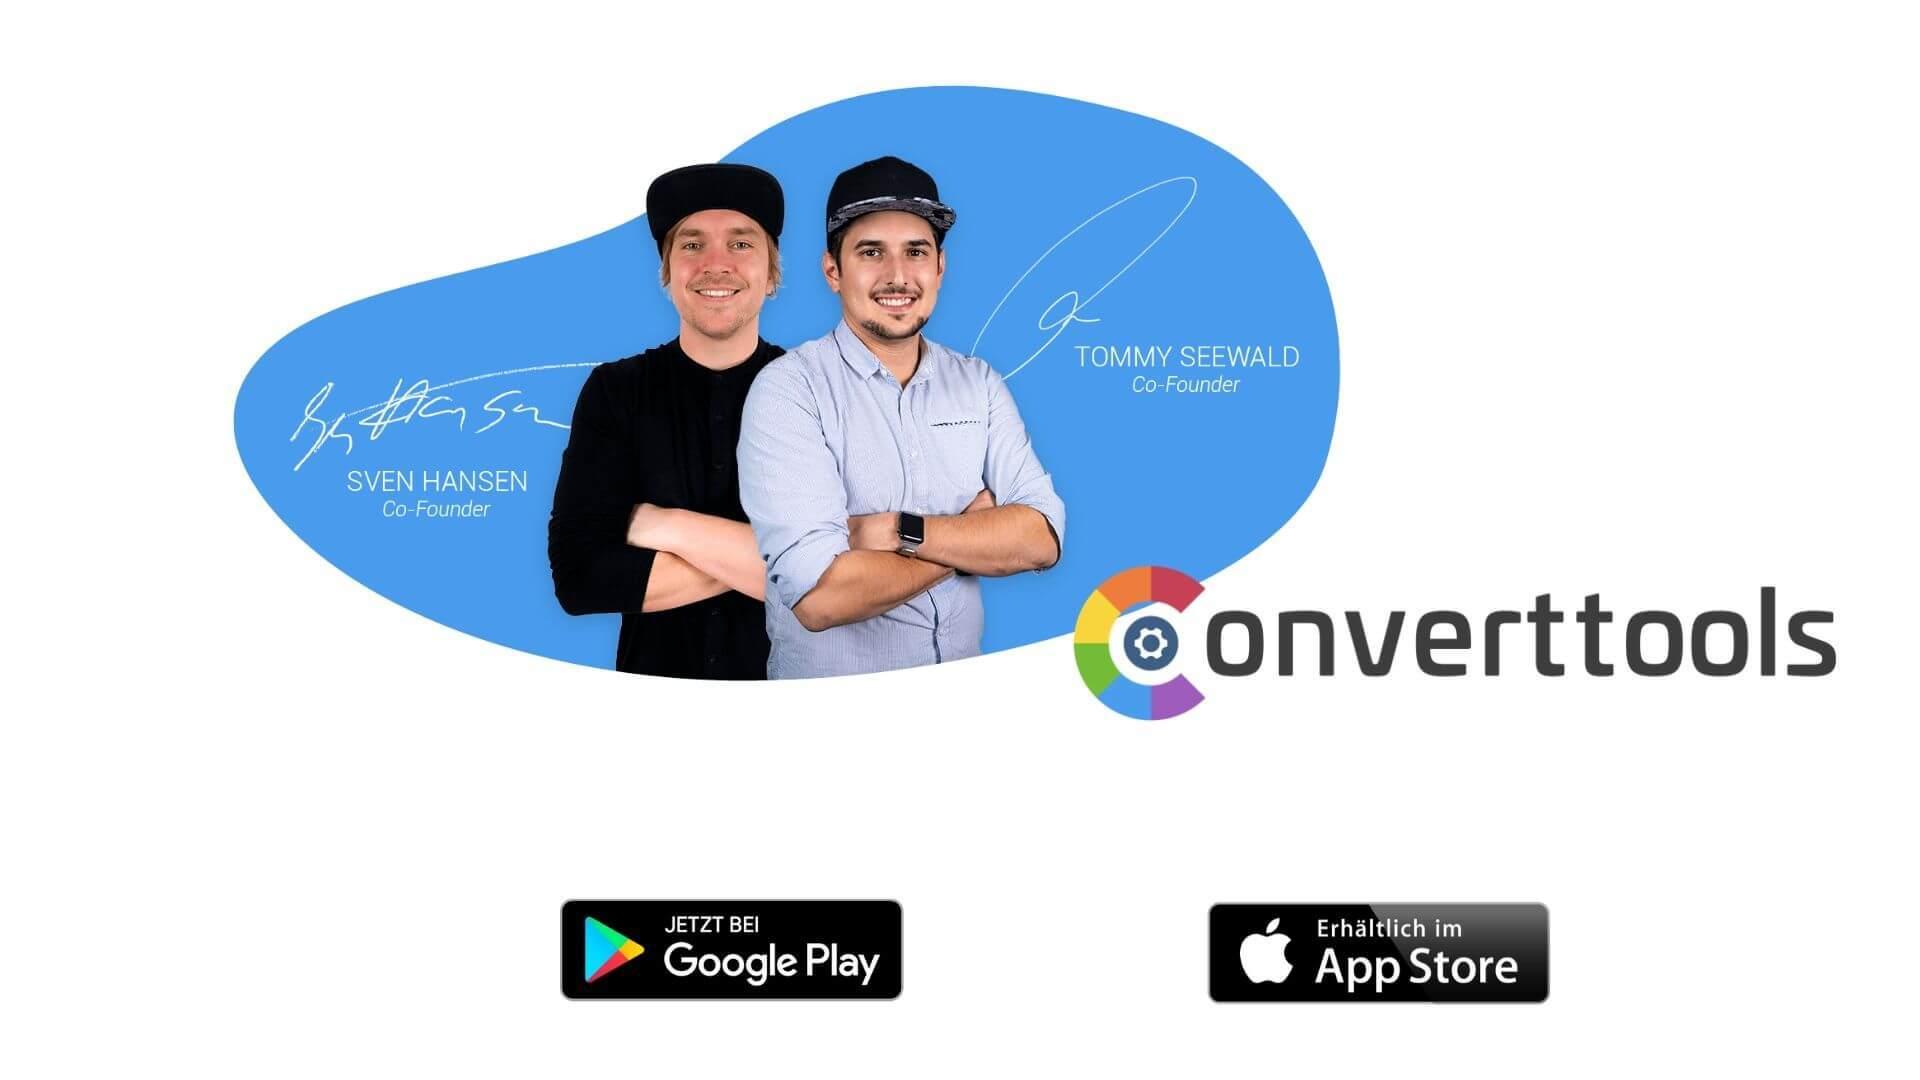 Converttool mit dem Founders Sven und Tommy